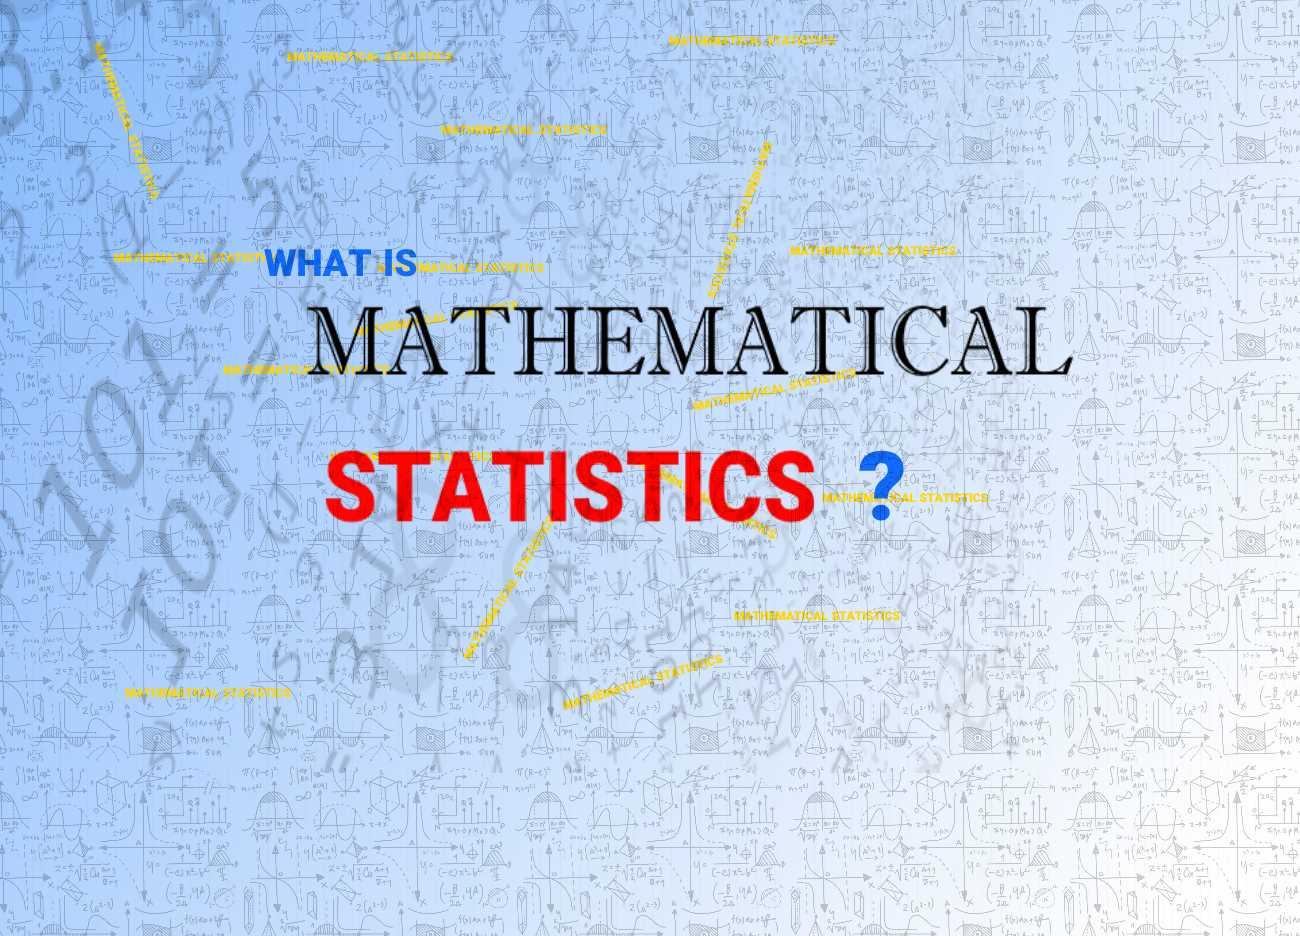 آمار ریاضی چیست؟ — به زبان ساده